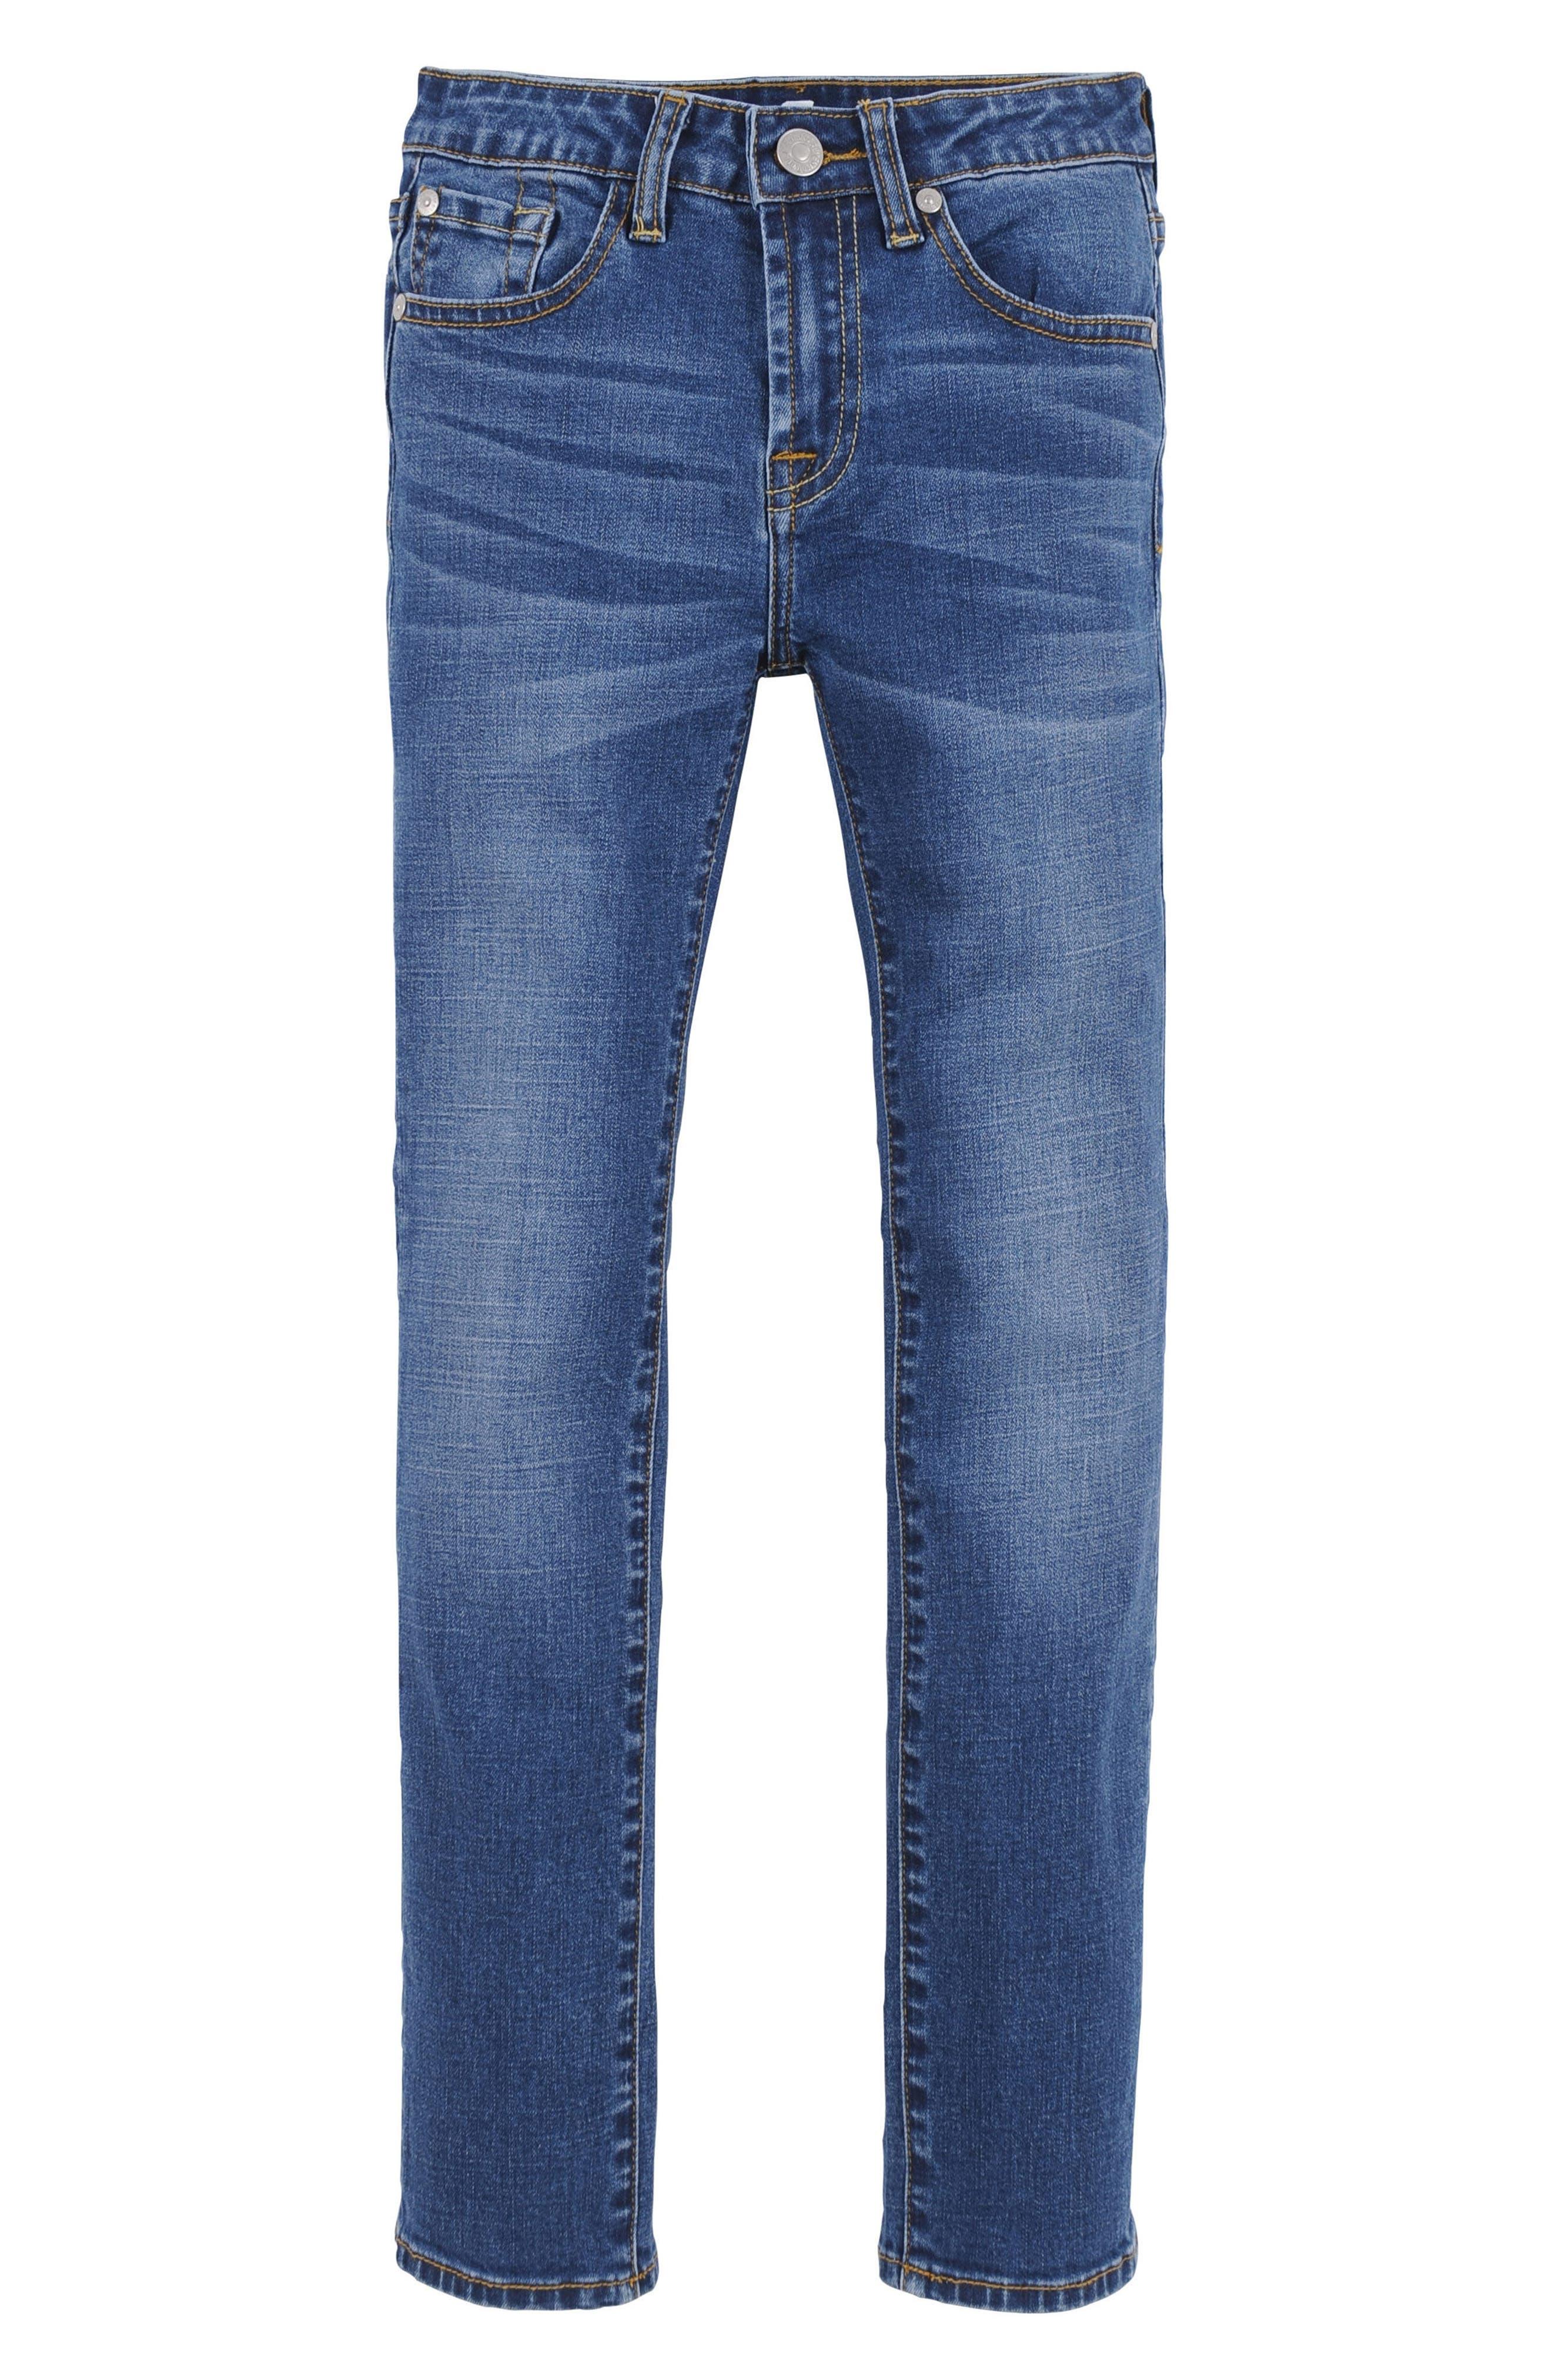 'Slimmy' Jeans,                             Main thumbnail 1, color,                             Bristol